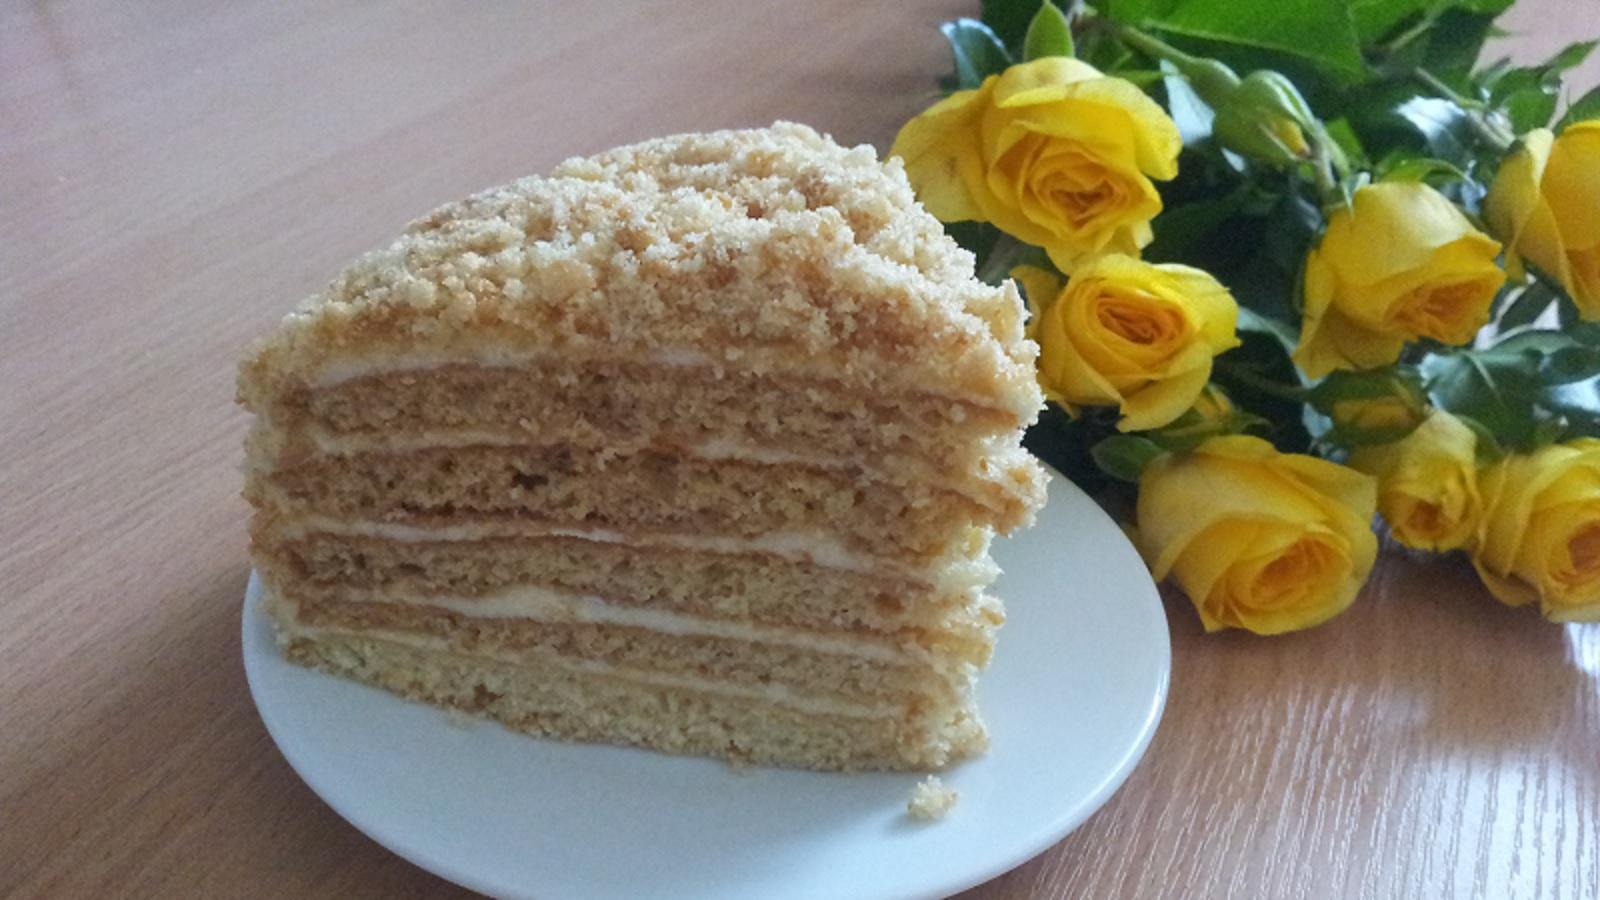 Рецепт вкусного торта рыжик в домашних условиях